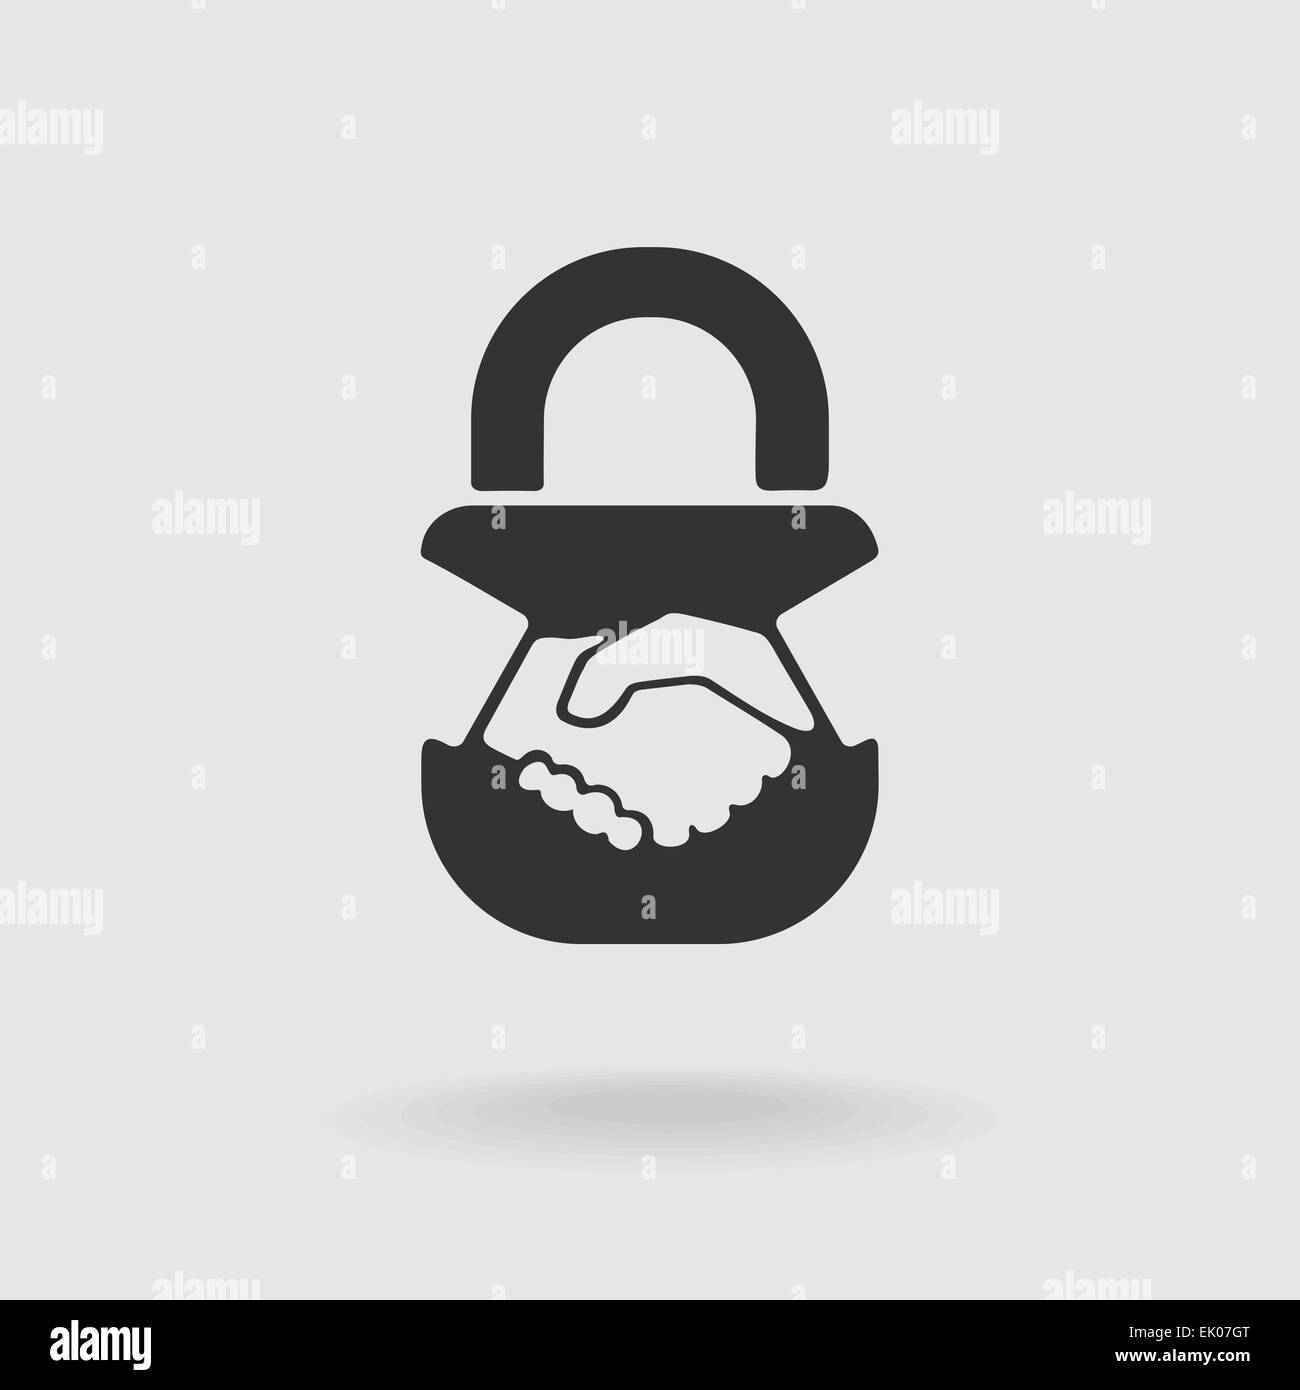 Symbol Handshake lock - Stock Image